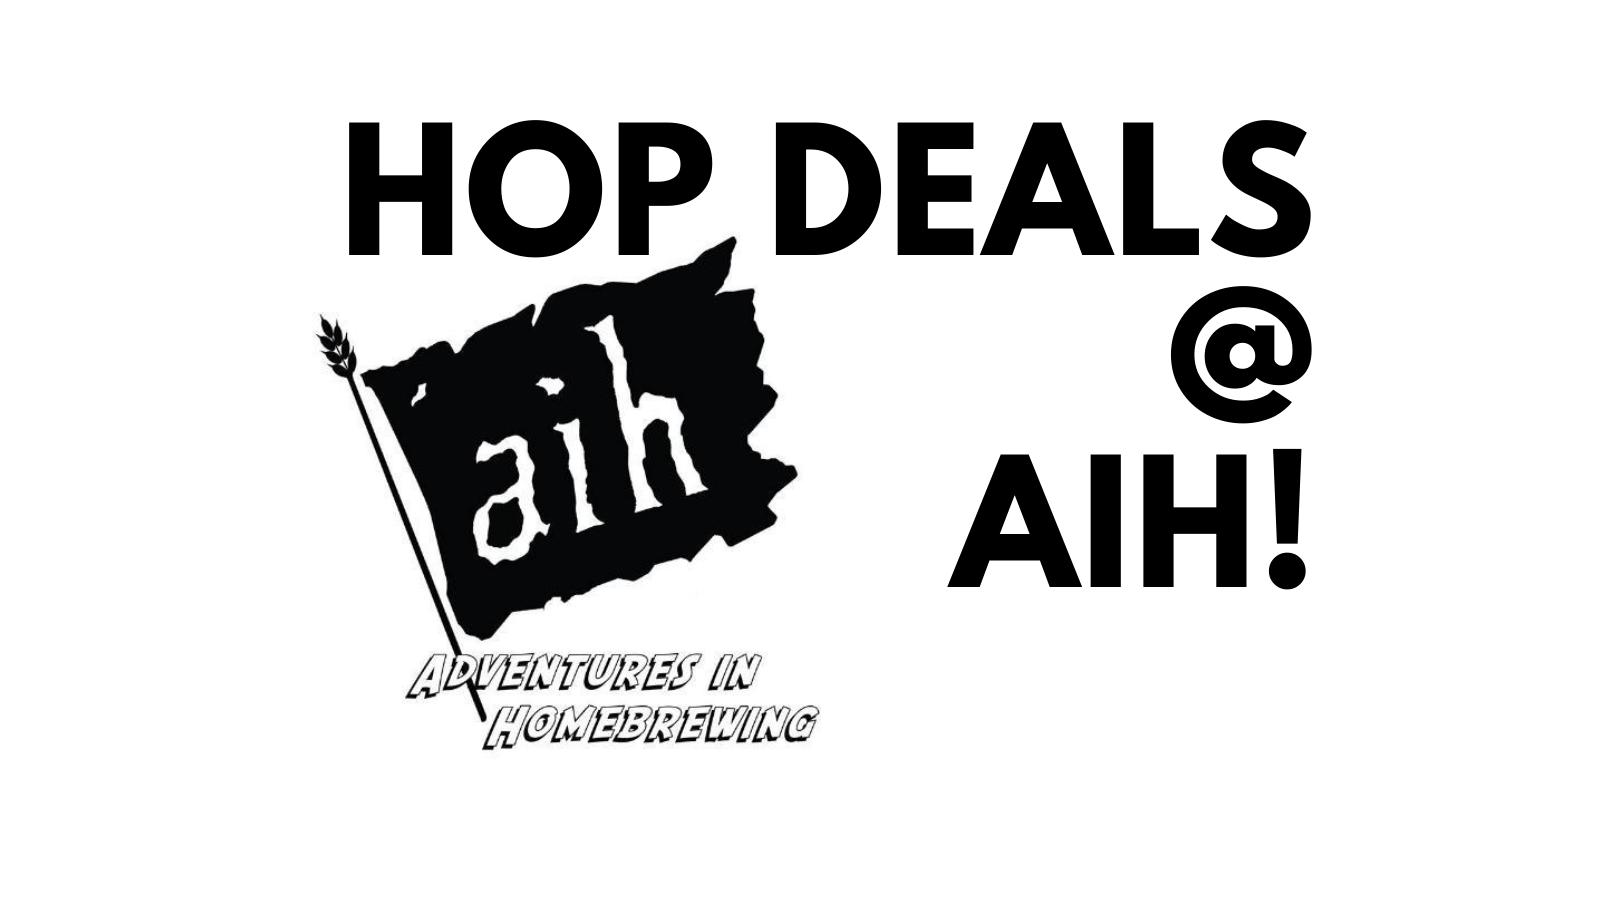 homebrewing.org hop deals